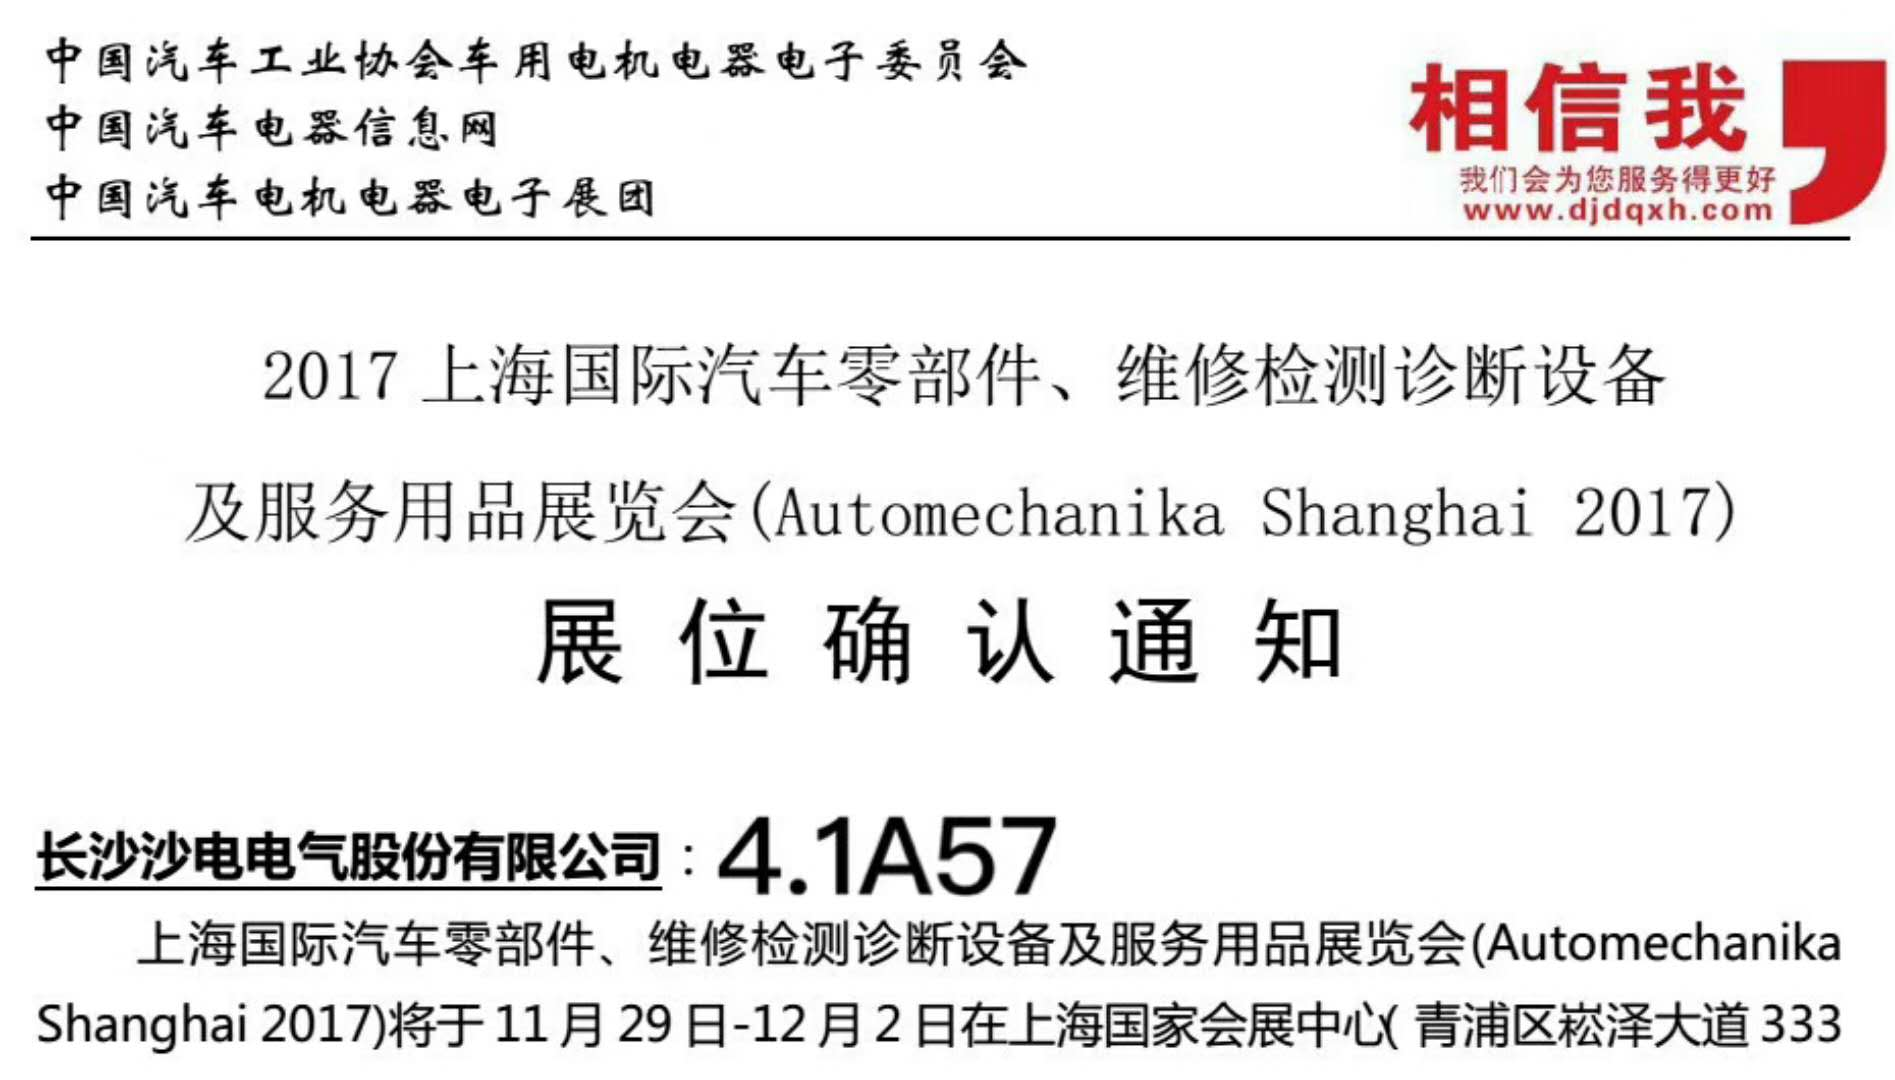 11月29日-12月2日澳门皇冠app2017上海法兰克福国际汽车零配件展览会